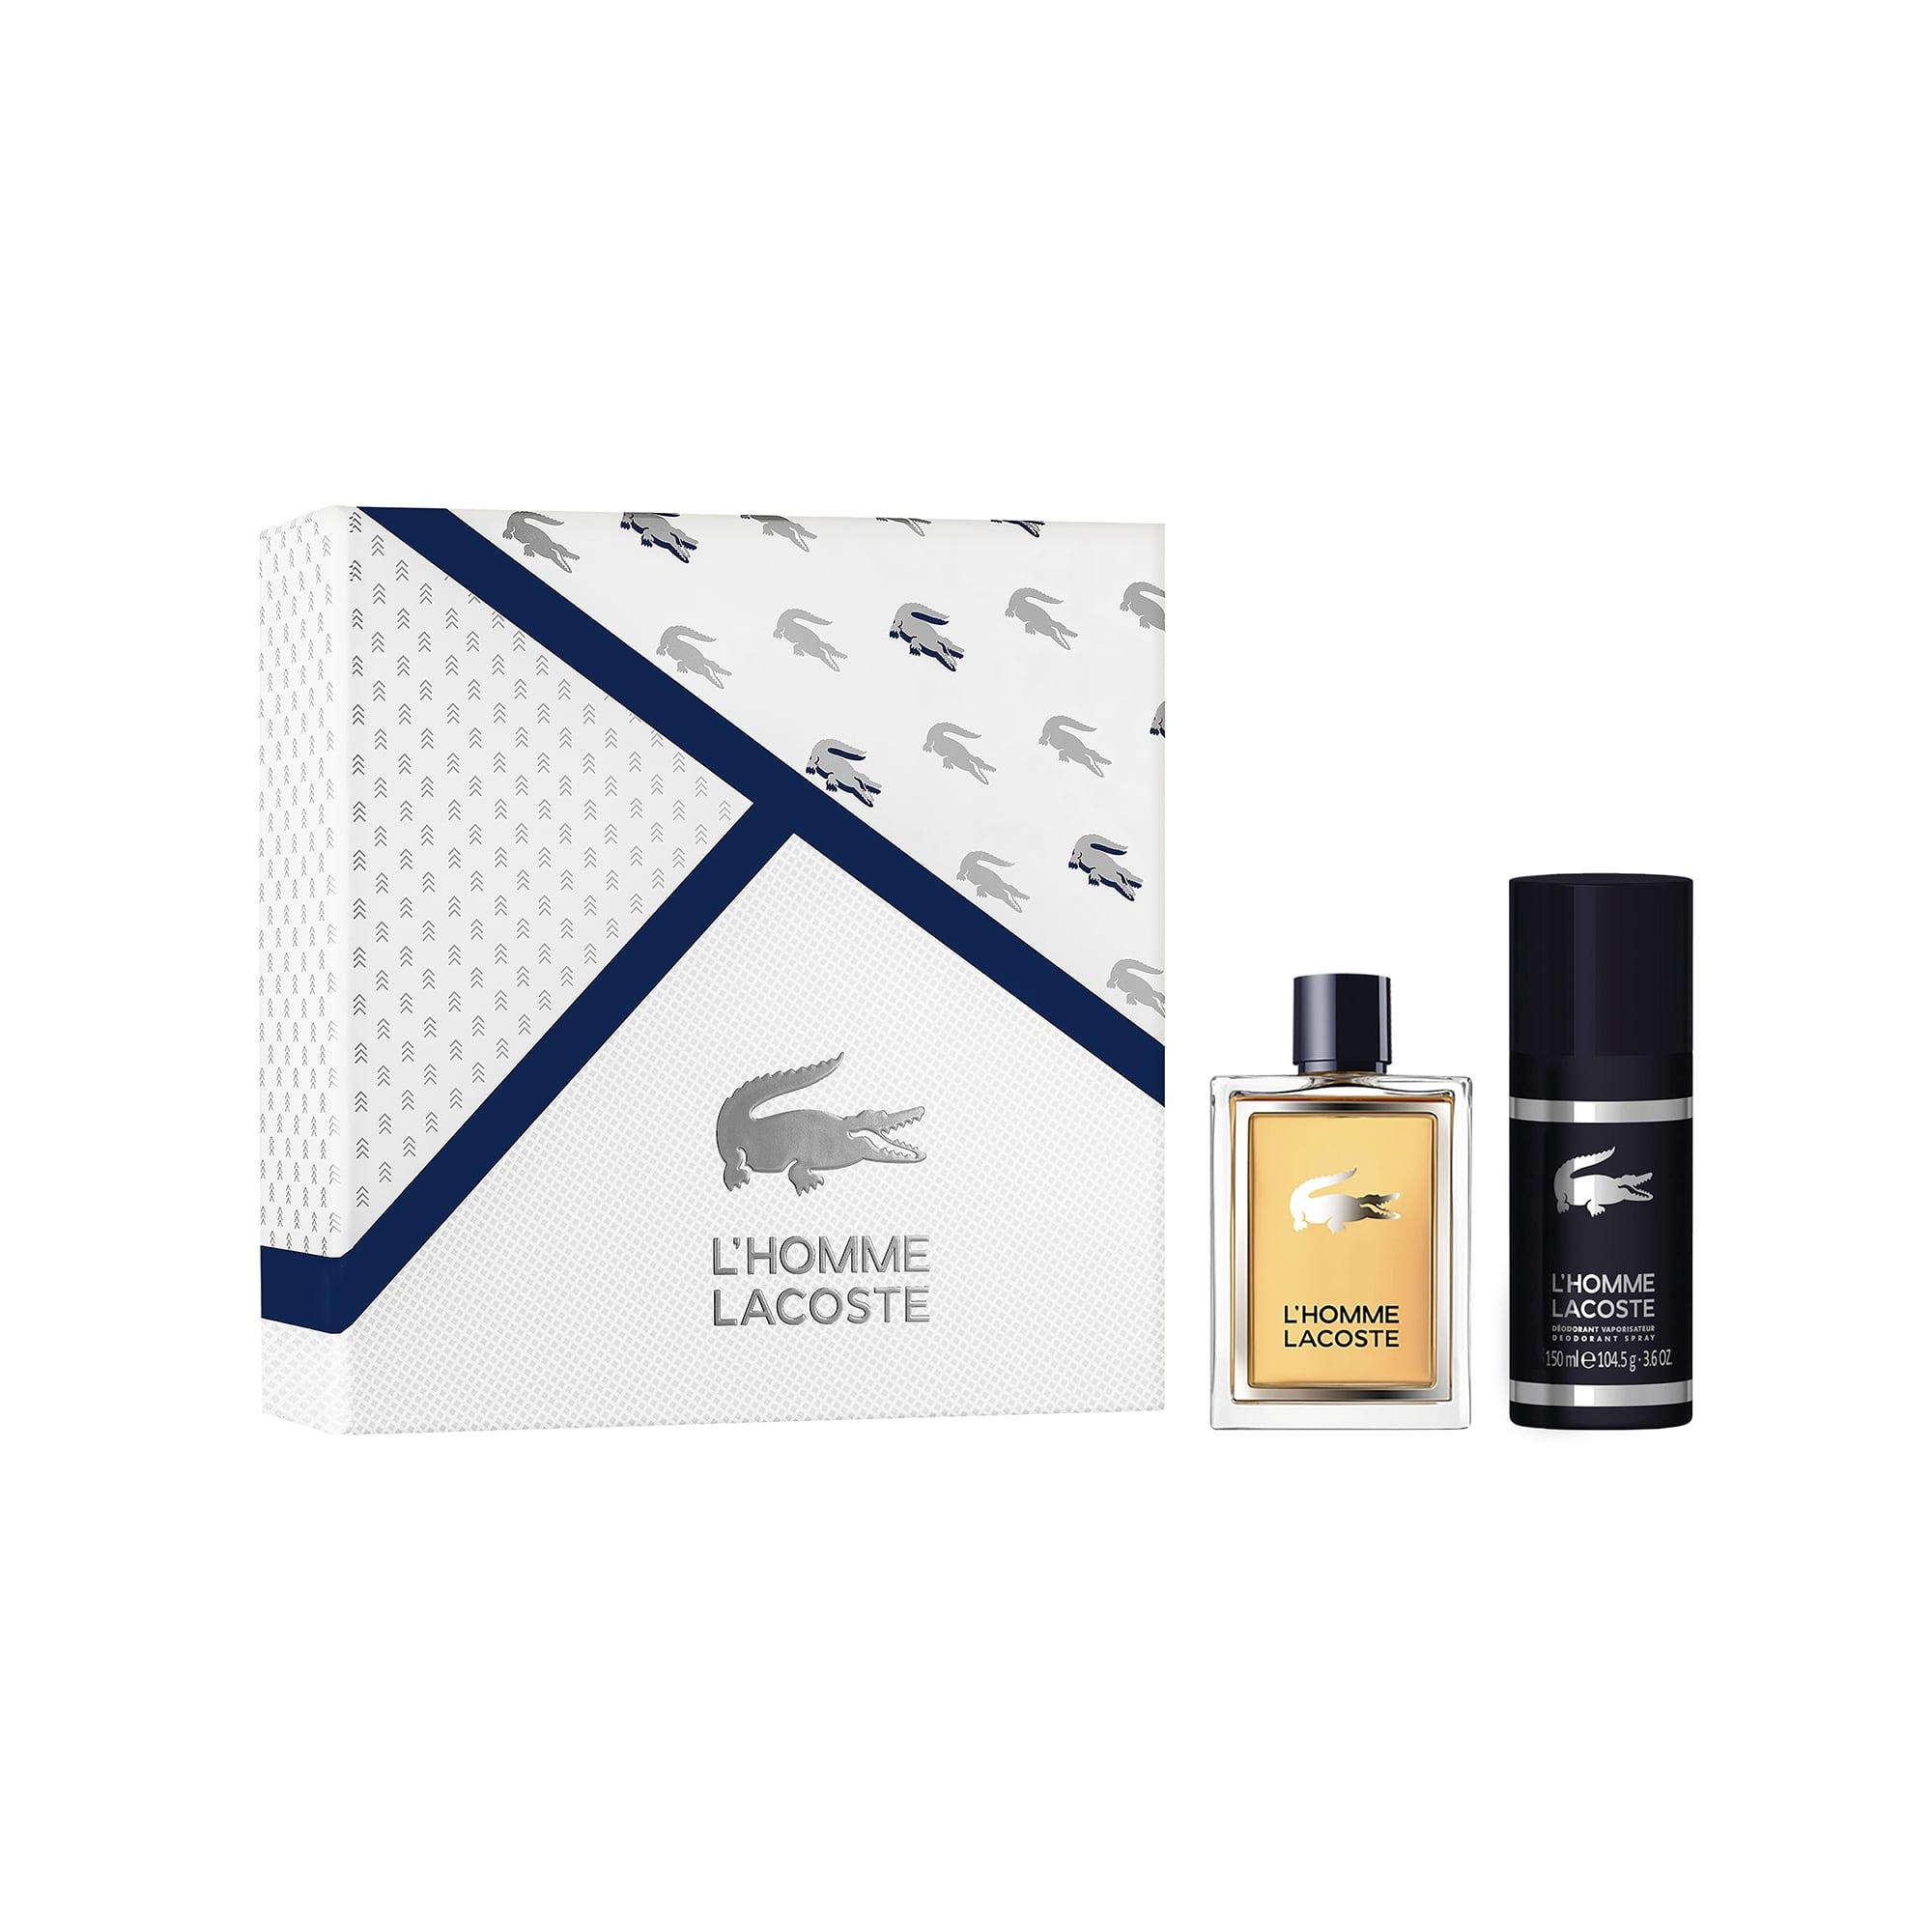 Lacoste Tous Tous Parfums Parfums Les Tous Les Lacoste Les jL5R3A4